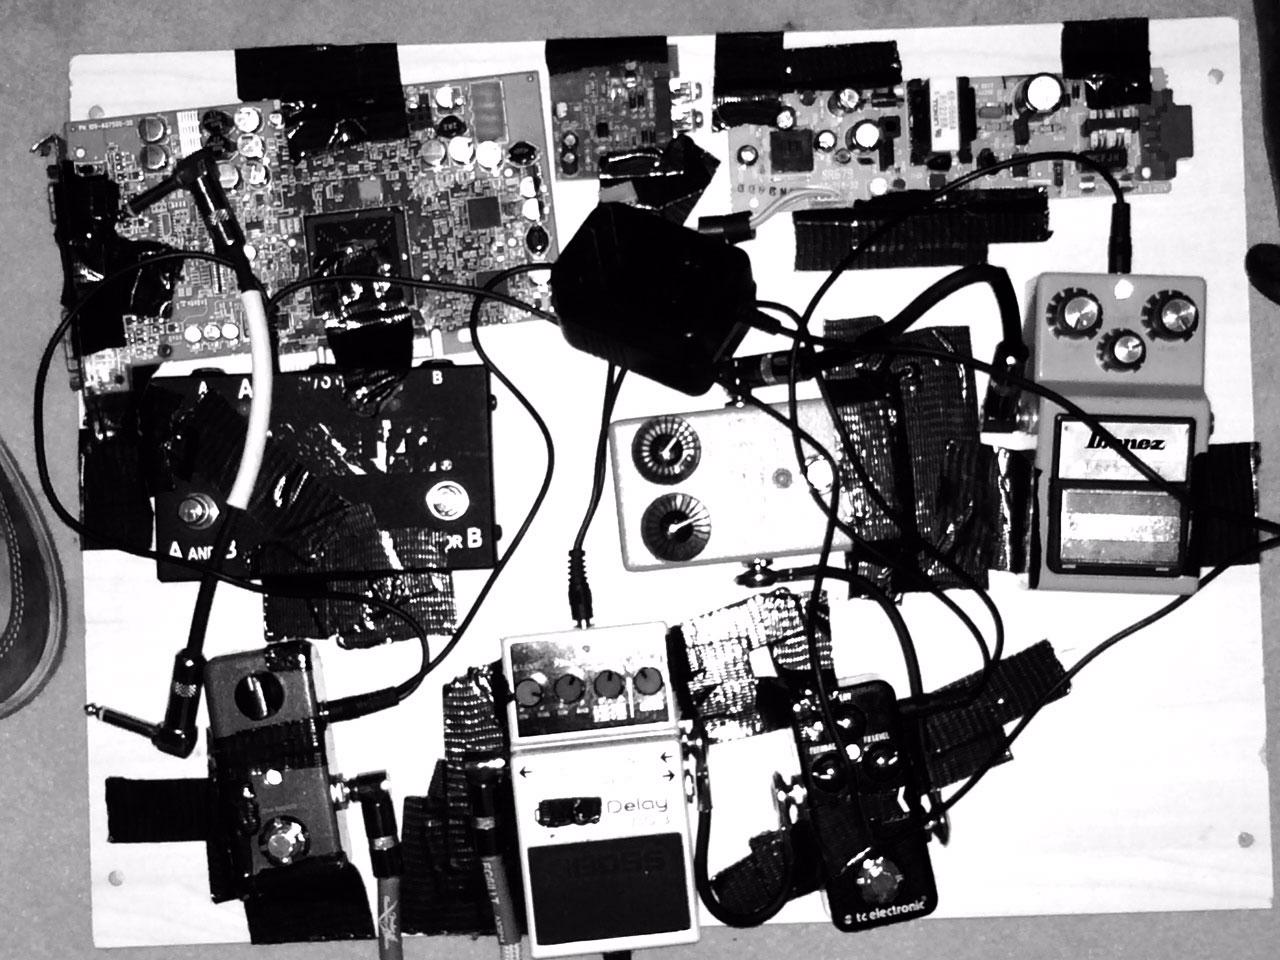 noisehaus_08